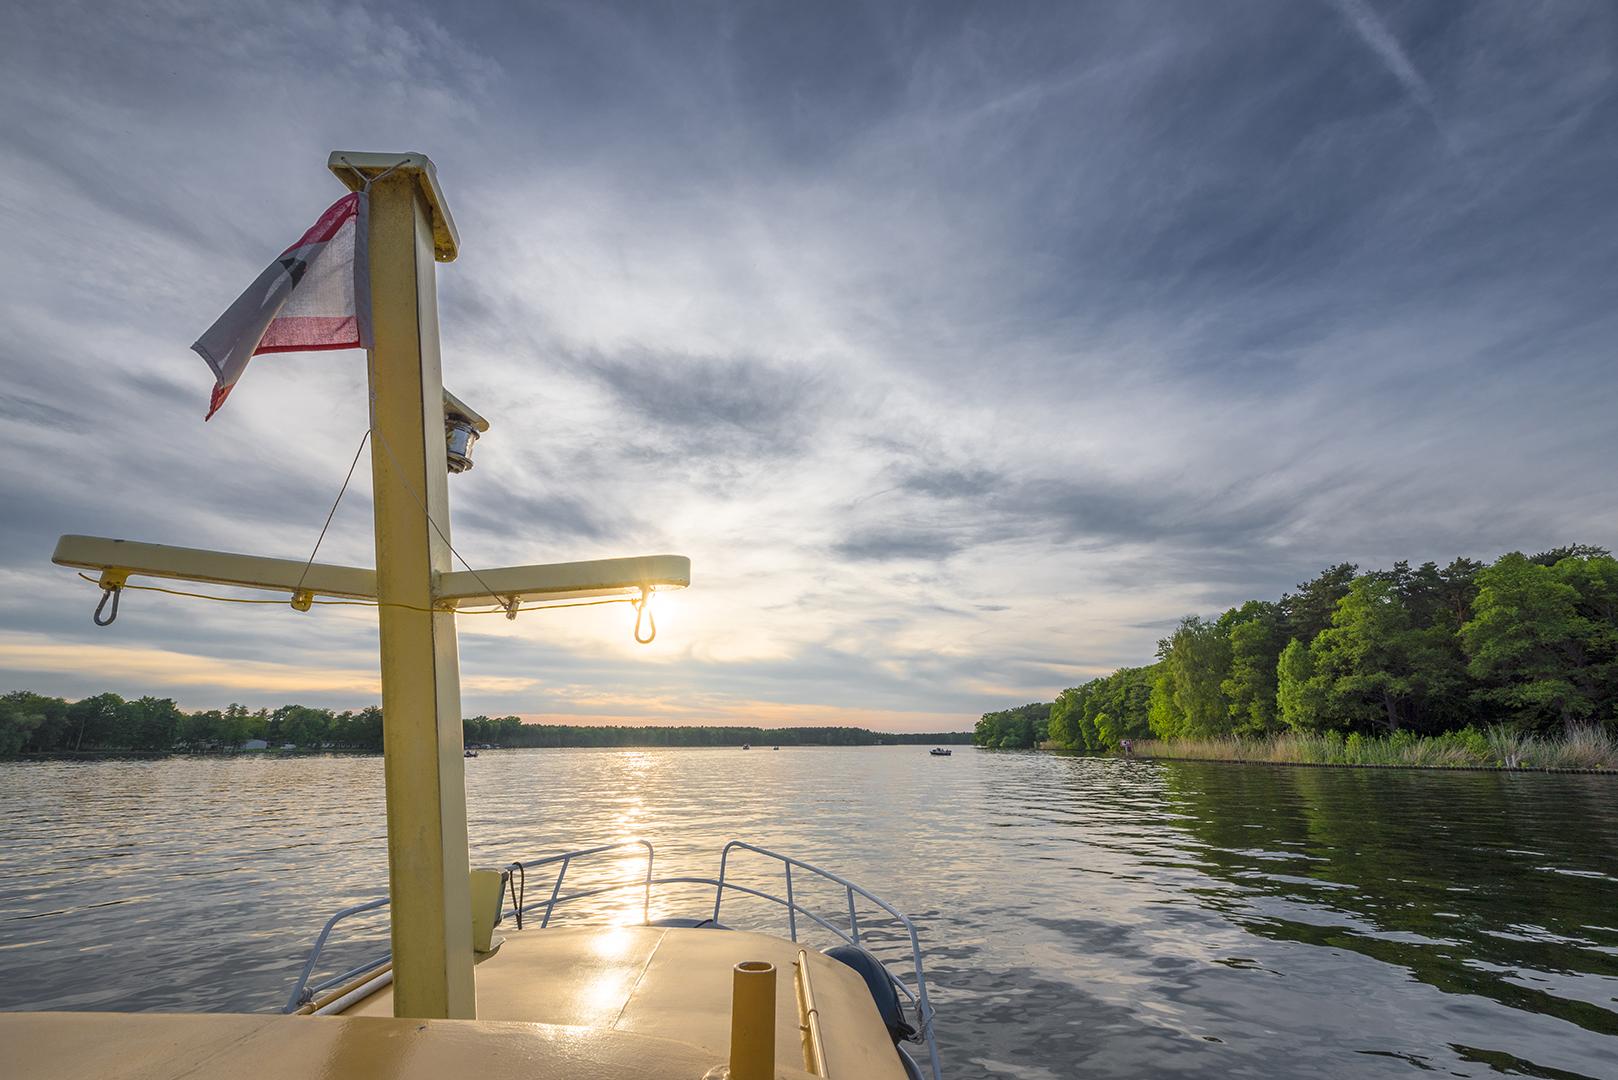 Mit dem FOTOBOOT auf dem Langer See, Teilstück der Dahme. Berlin-Müggelheim, 22.05.2016